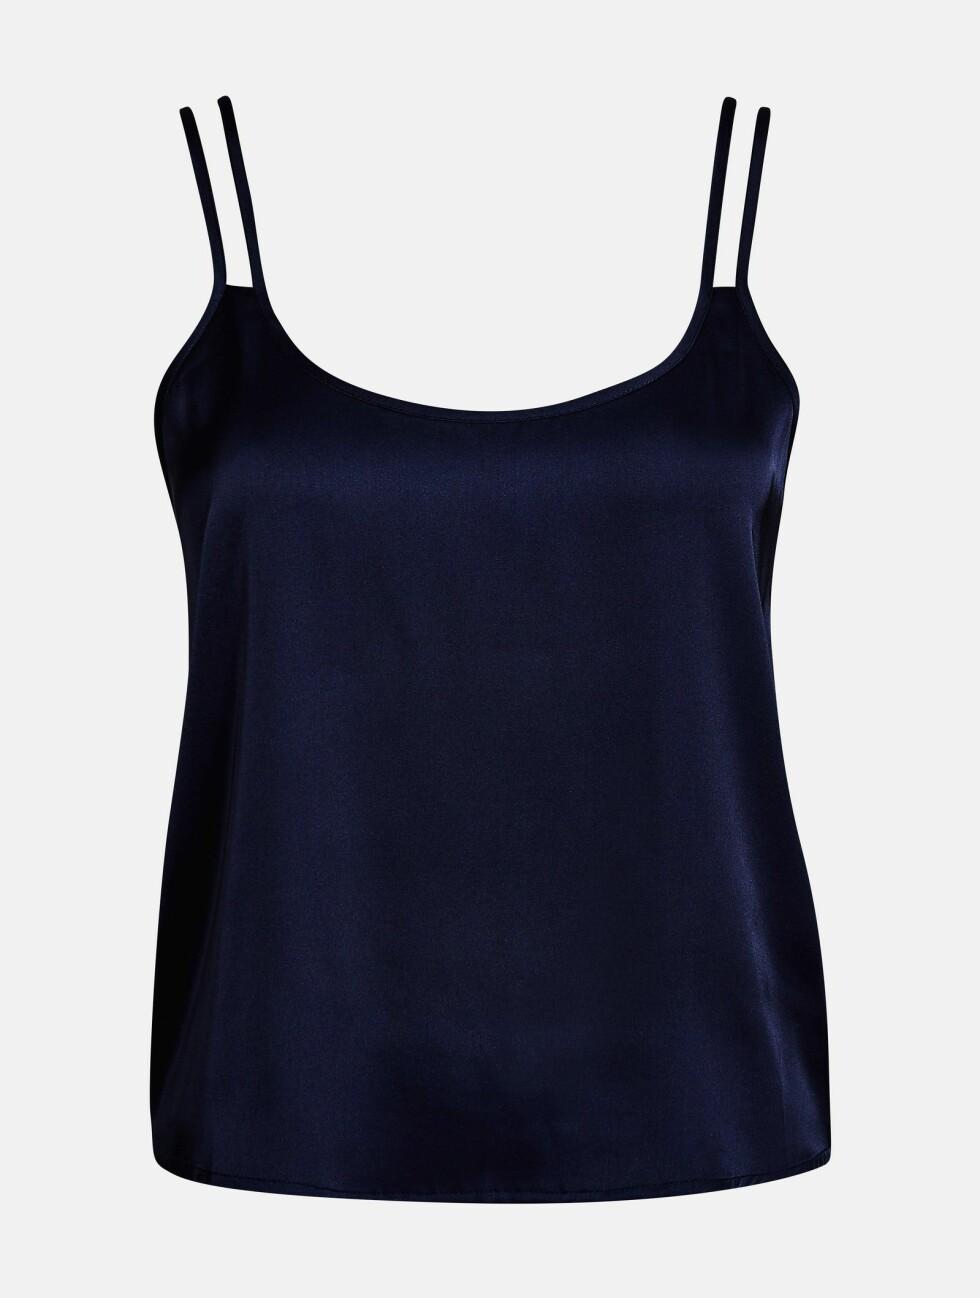 Overdel fra Bik Bok |149,-| https://bikbok.com/no/p/nattoy/pyjamas/ginger-pyjama-top/7227488_F583